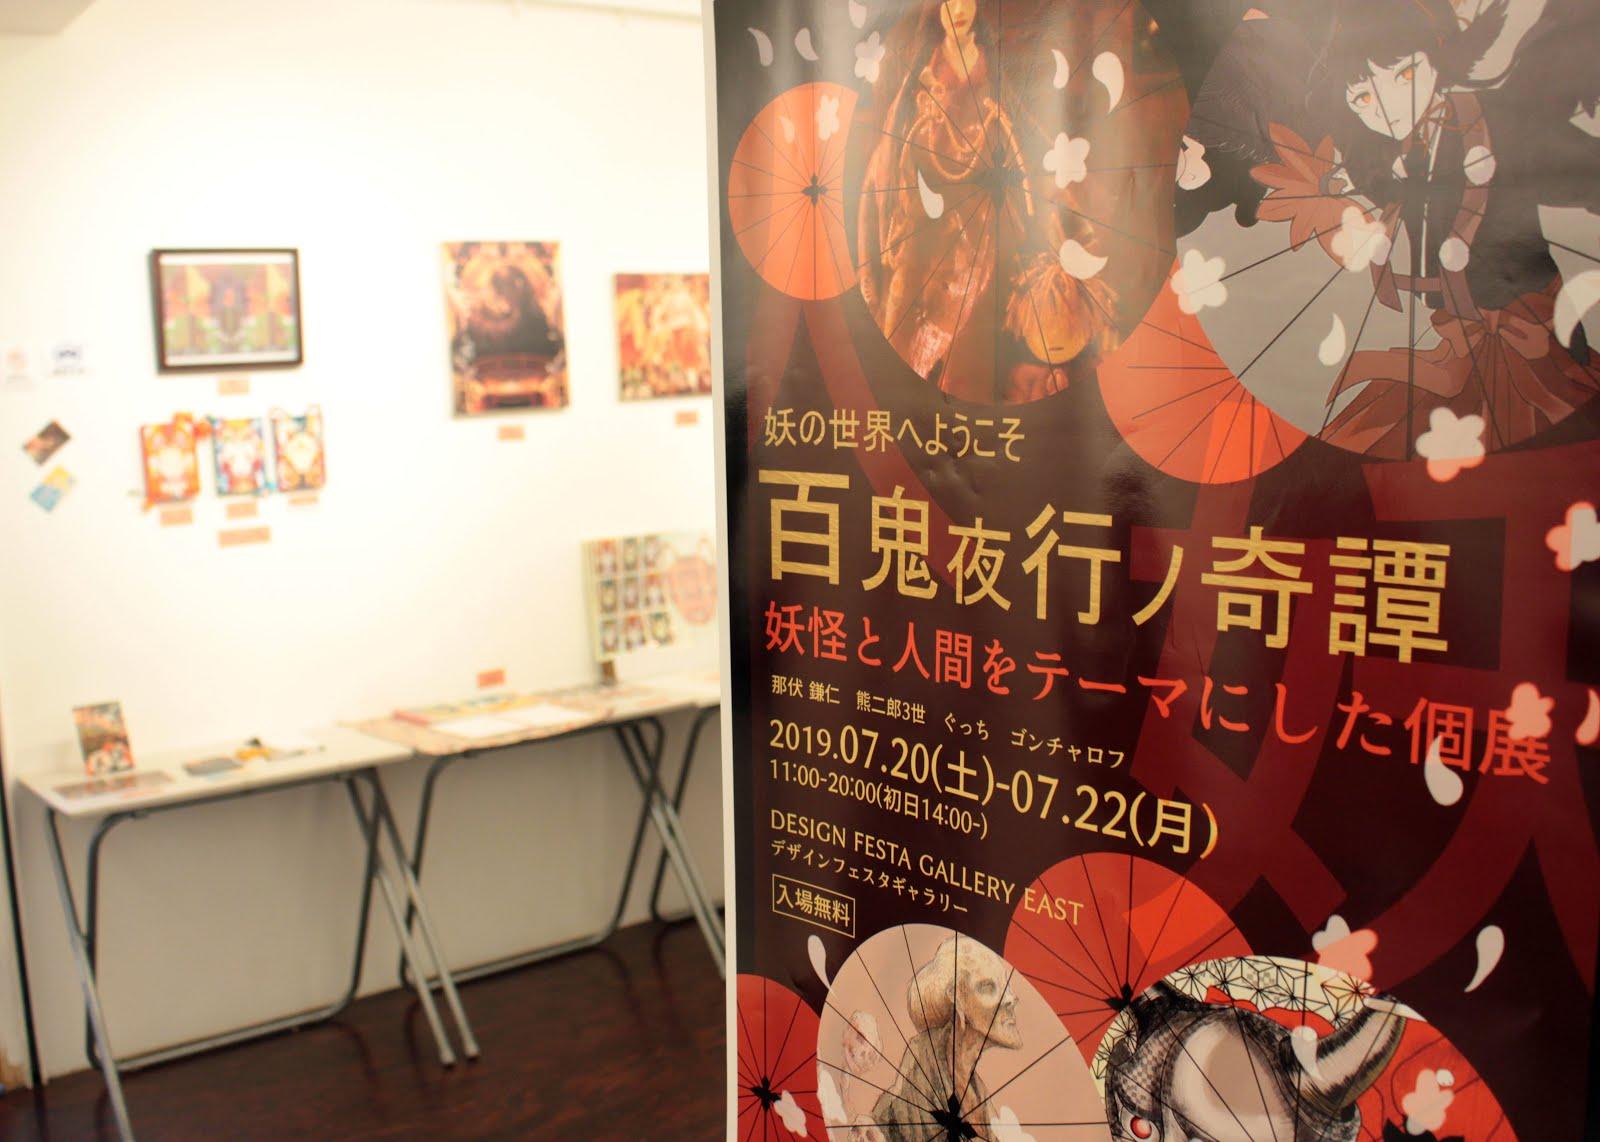 DESIGN FESTA GALLERY BLOG: 那伏鎌仁/ぐっち/ゴンチャロフ/熊二郎3世 ...